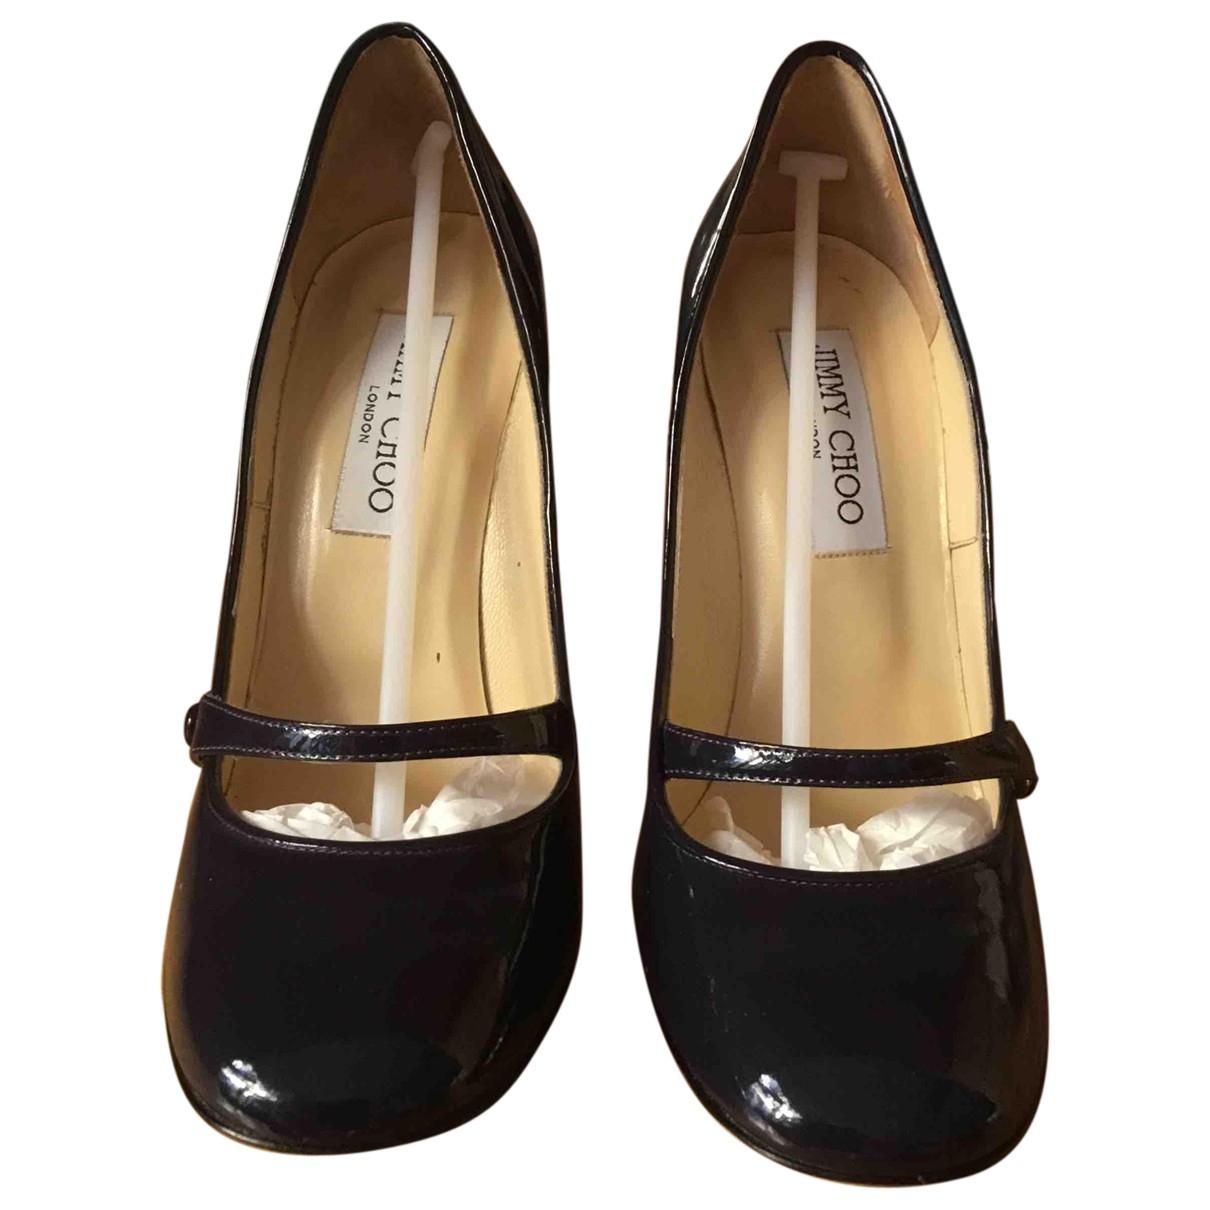 Jimmy Choo \N Black Leather Heels for Women 36.5 IT